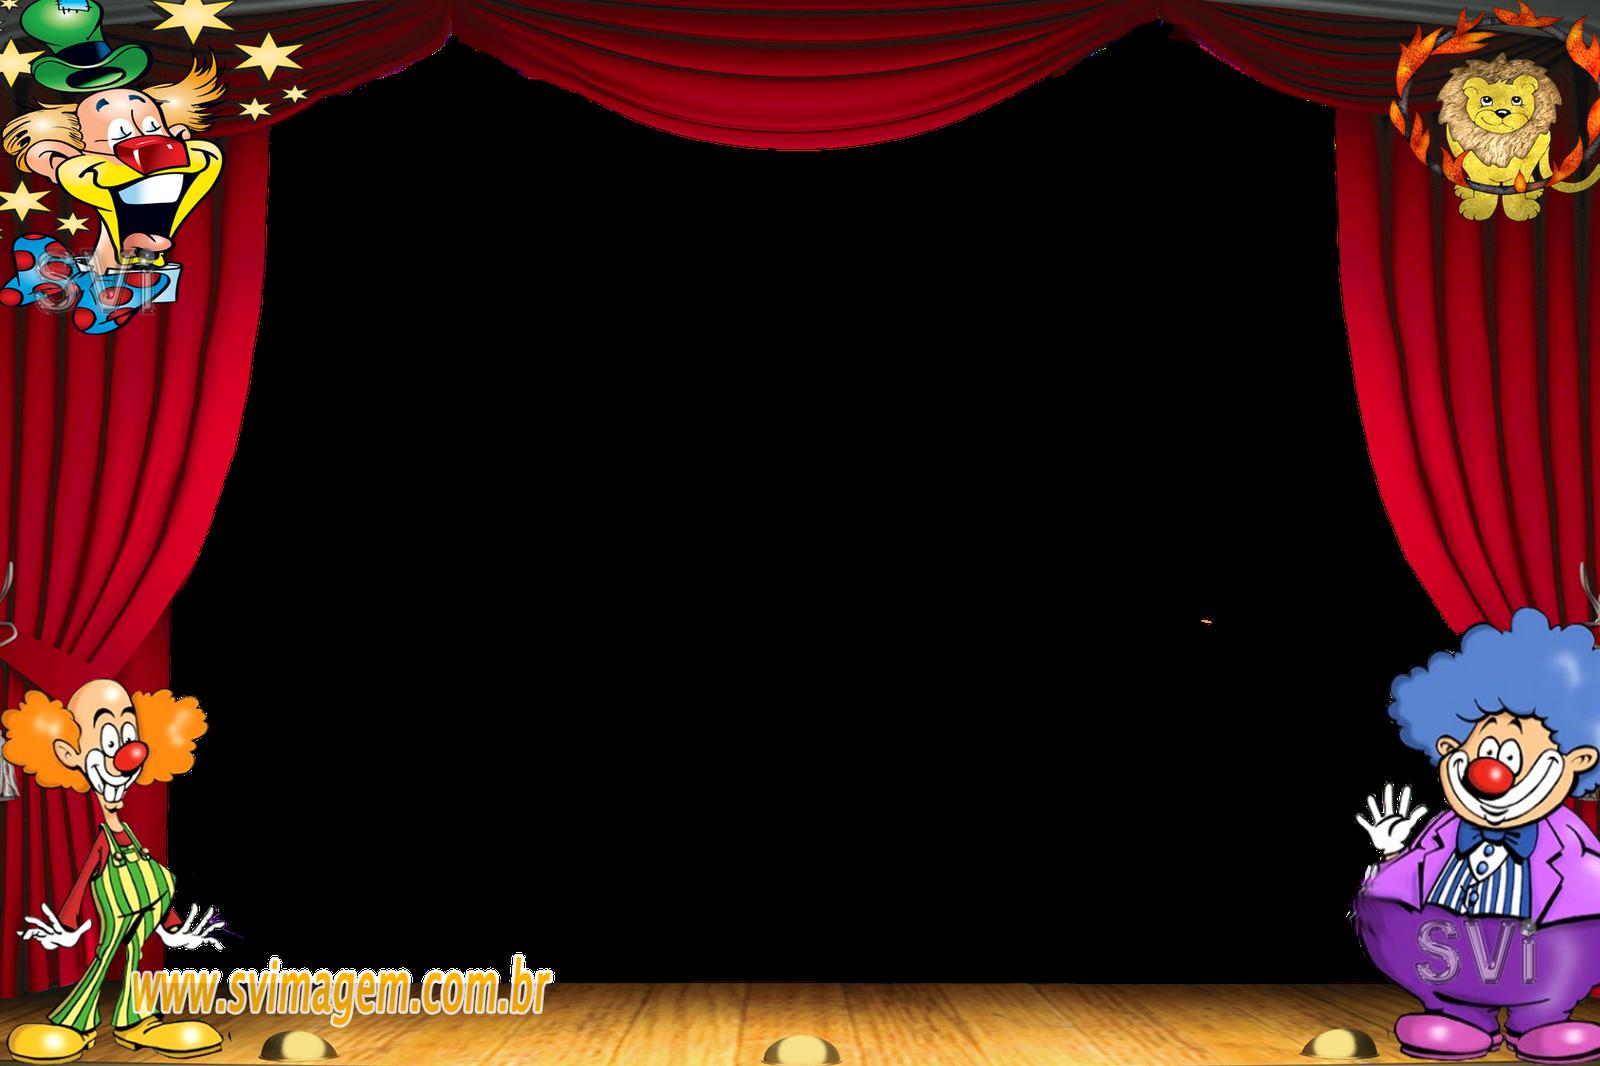 Curtains clipart circus. Marcos circo buscar con